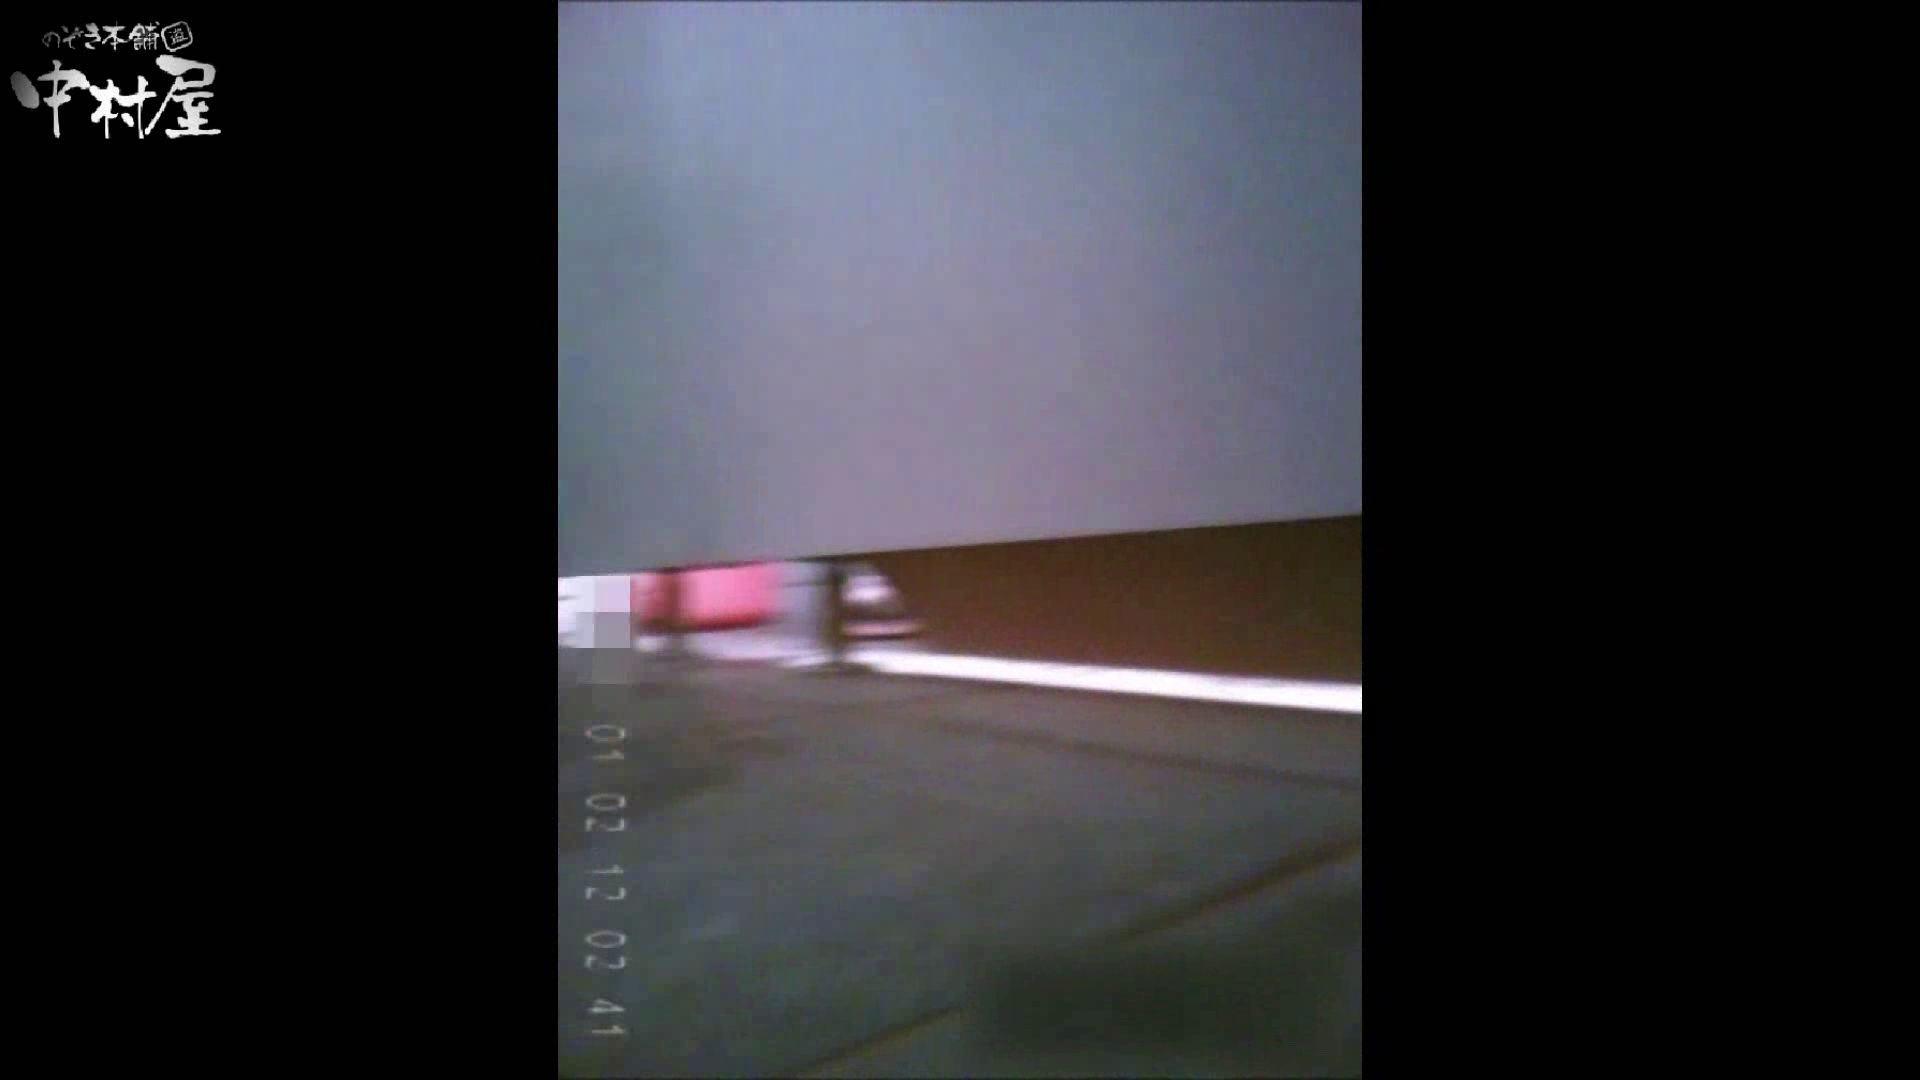 雅さんが厳選新年特別コンテンツ!激走!激走!東京マラソン選手専用女子トイレvol.6 お尻 隠し撮りセックス画像 85画像 51